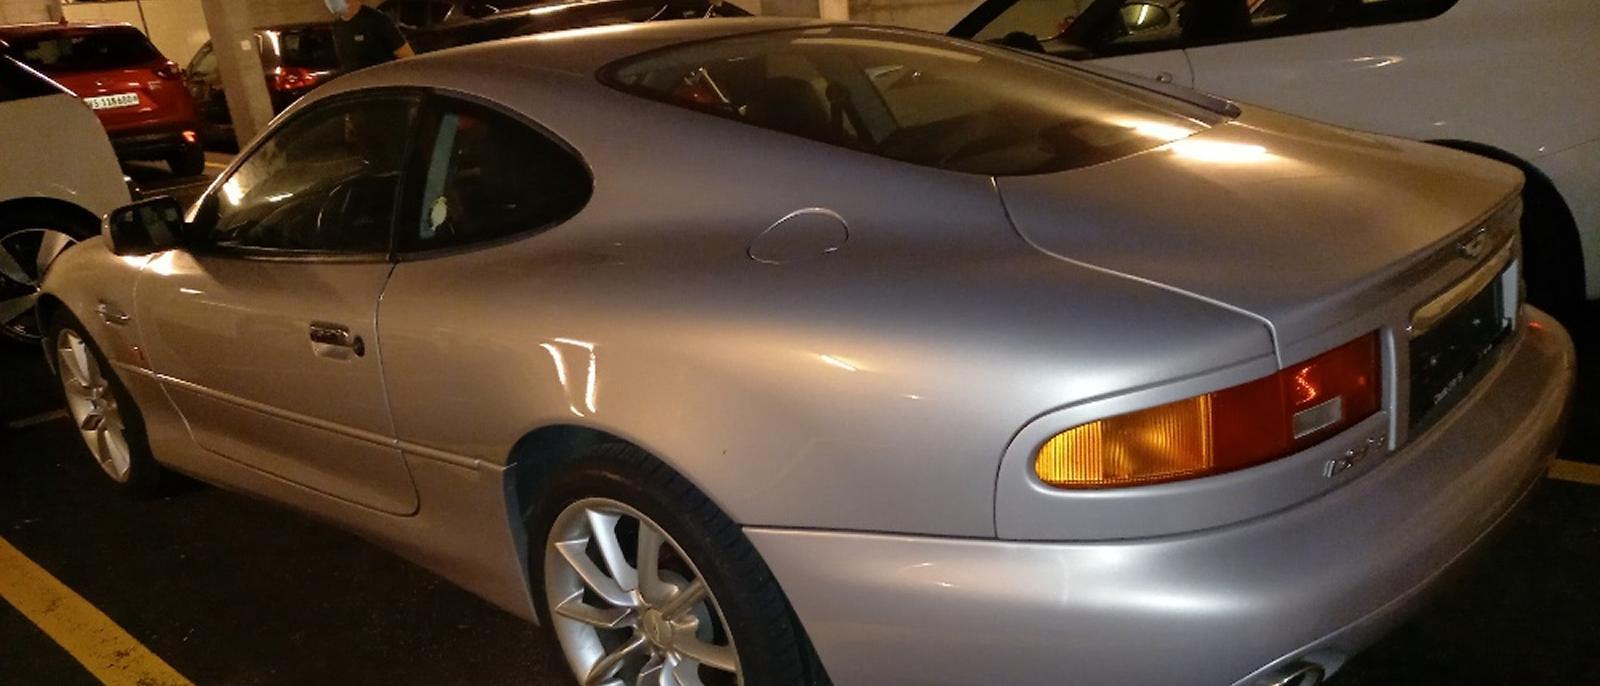 Aston Martin DB7 Vantage V12 Manual